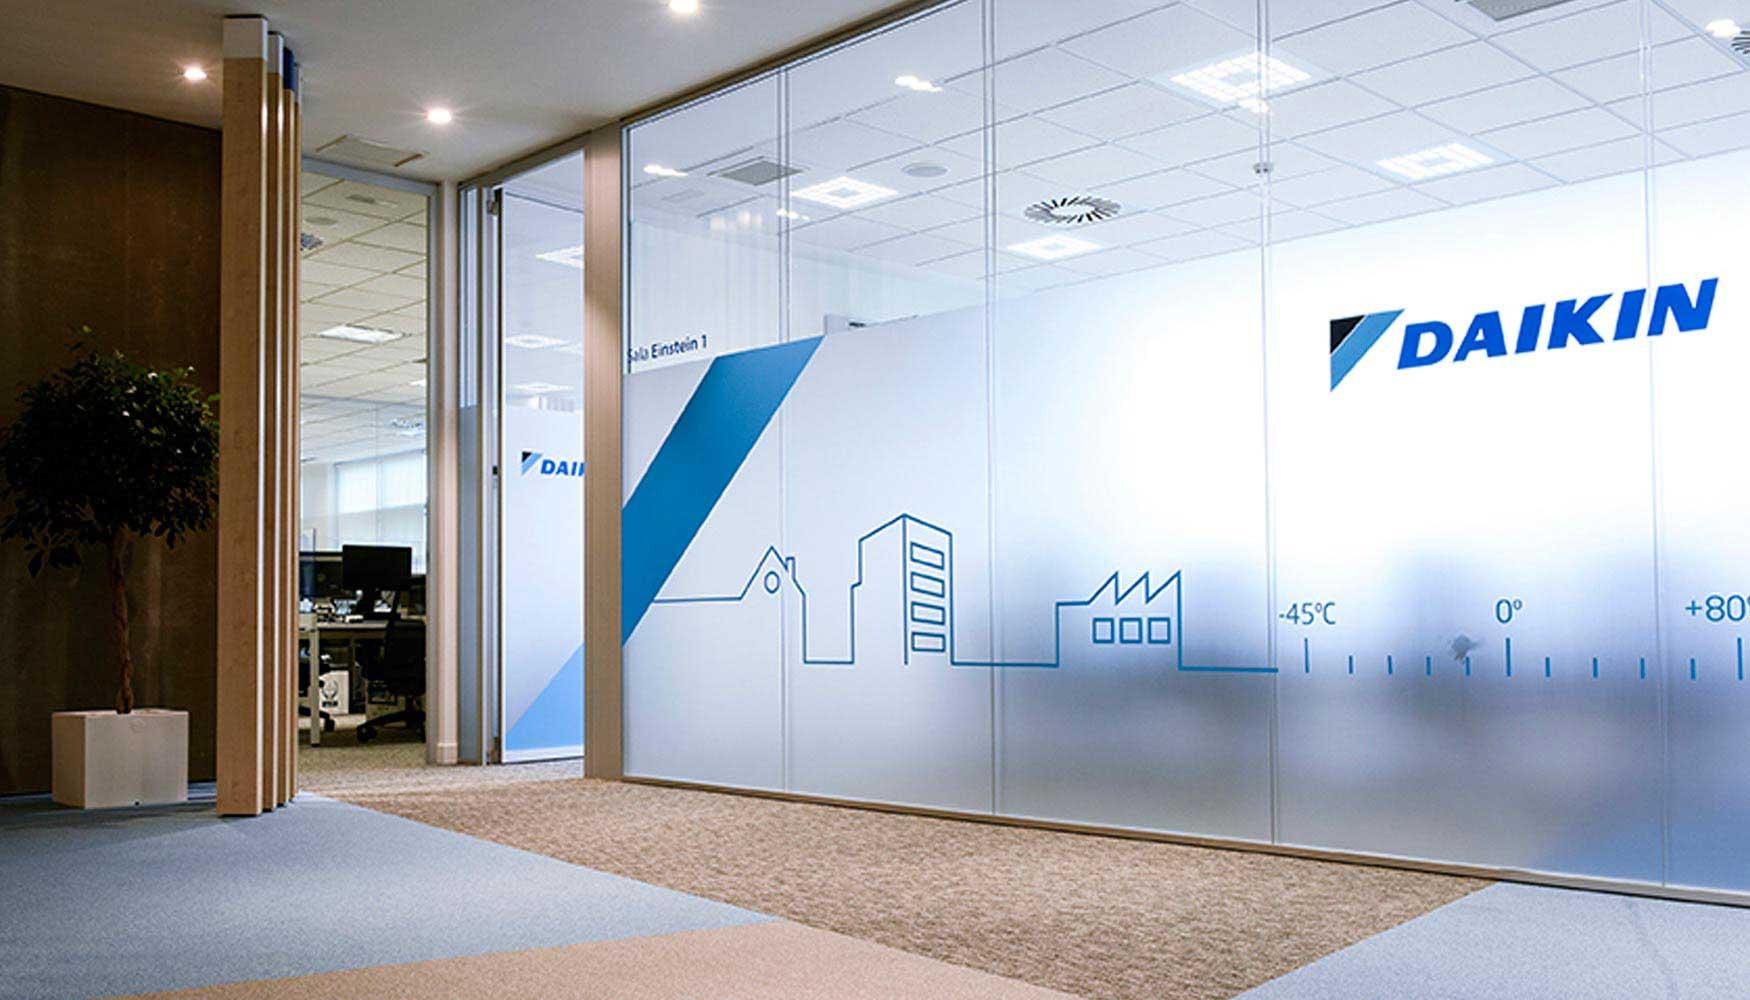 Daikin office Malaga